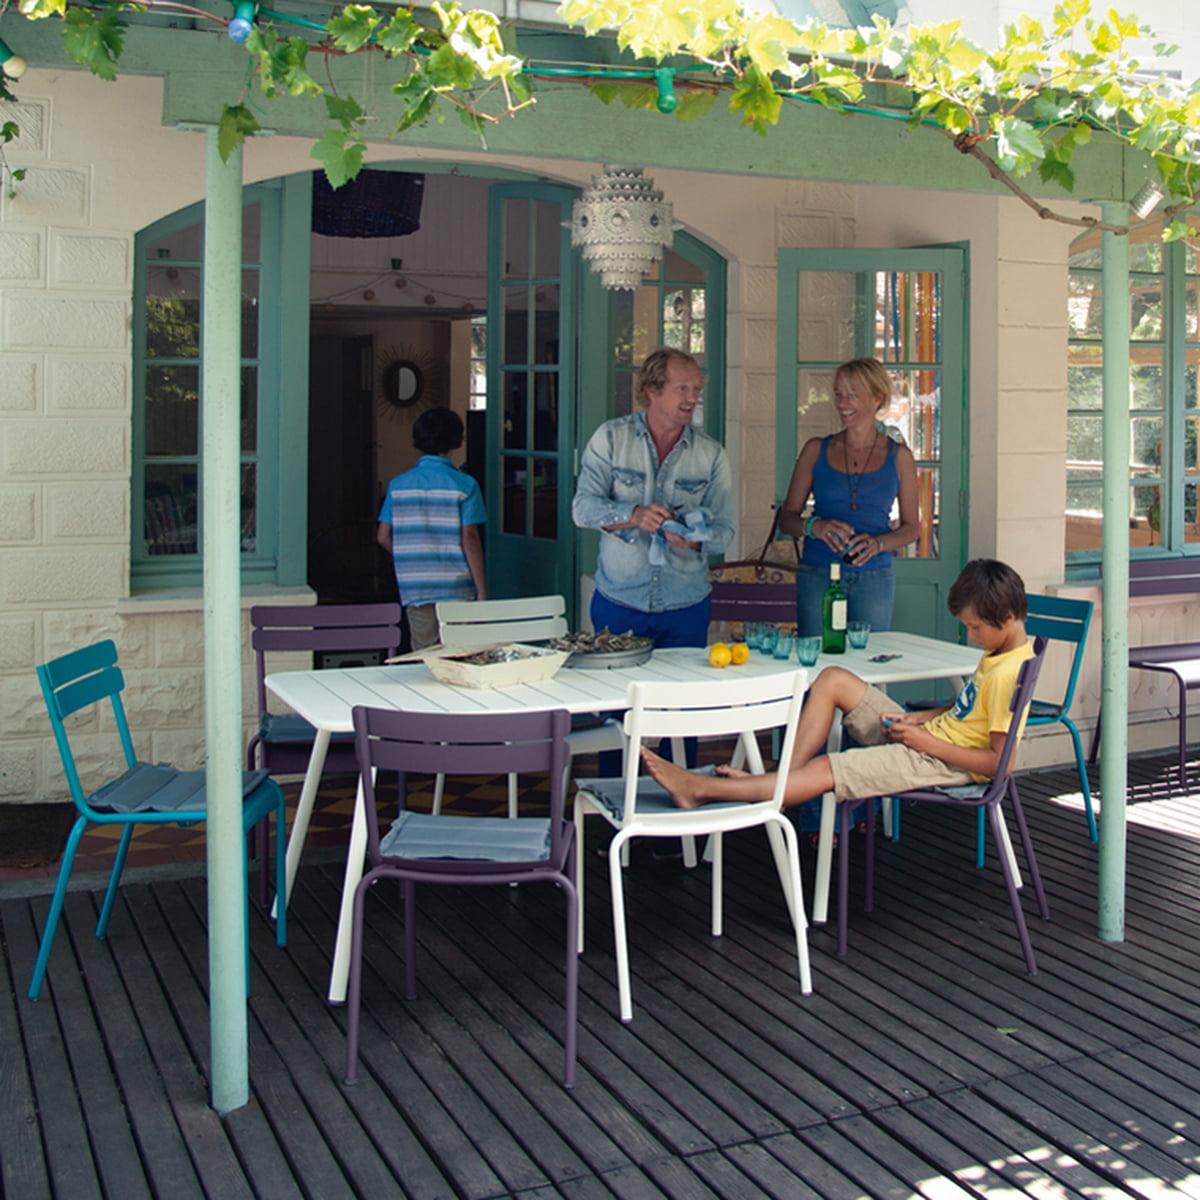 Luxembourg Gartenstuhl von Fermob | Connox